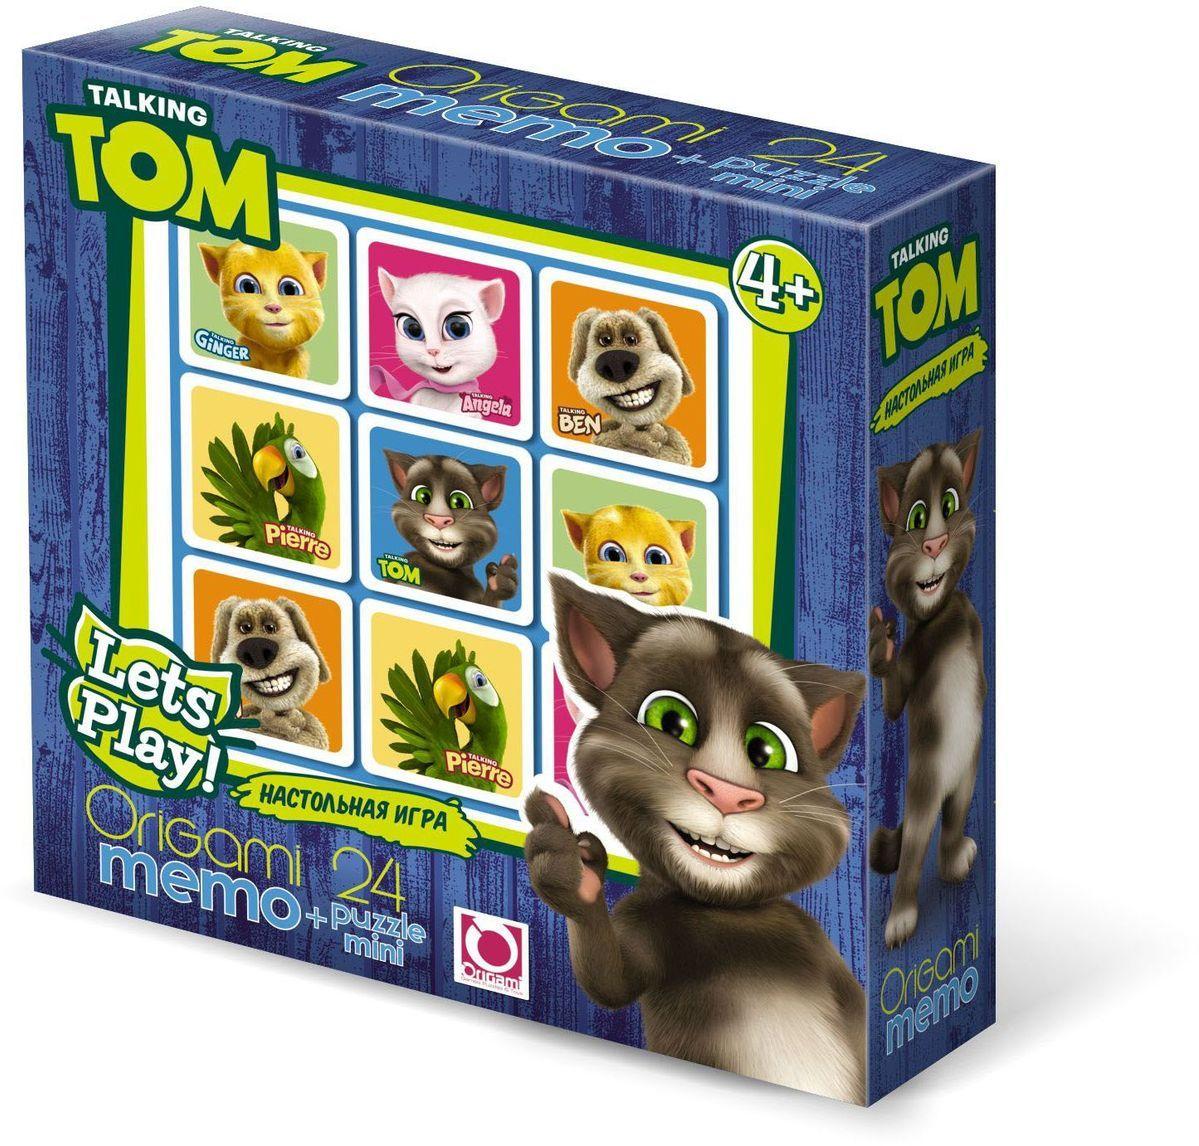 Оригами Комплект игр Talking Tom & Friends Мемо + пазл01011Настольная игра Мемо - это очень увлекательная игра для тренировки памяти у малышей. Она является классической игрой на запоминание, и направлена на развитие логического мышления, внимания, зрительной памяти, наблюдательности и образного восприятия. Размер пазла 15х9,8. Рекомендованный возраст 4+